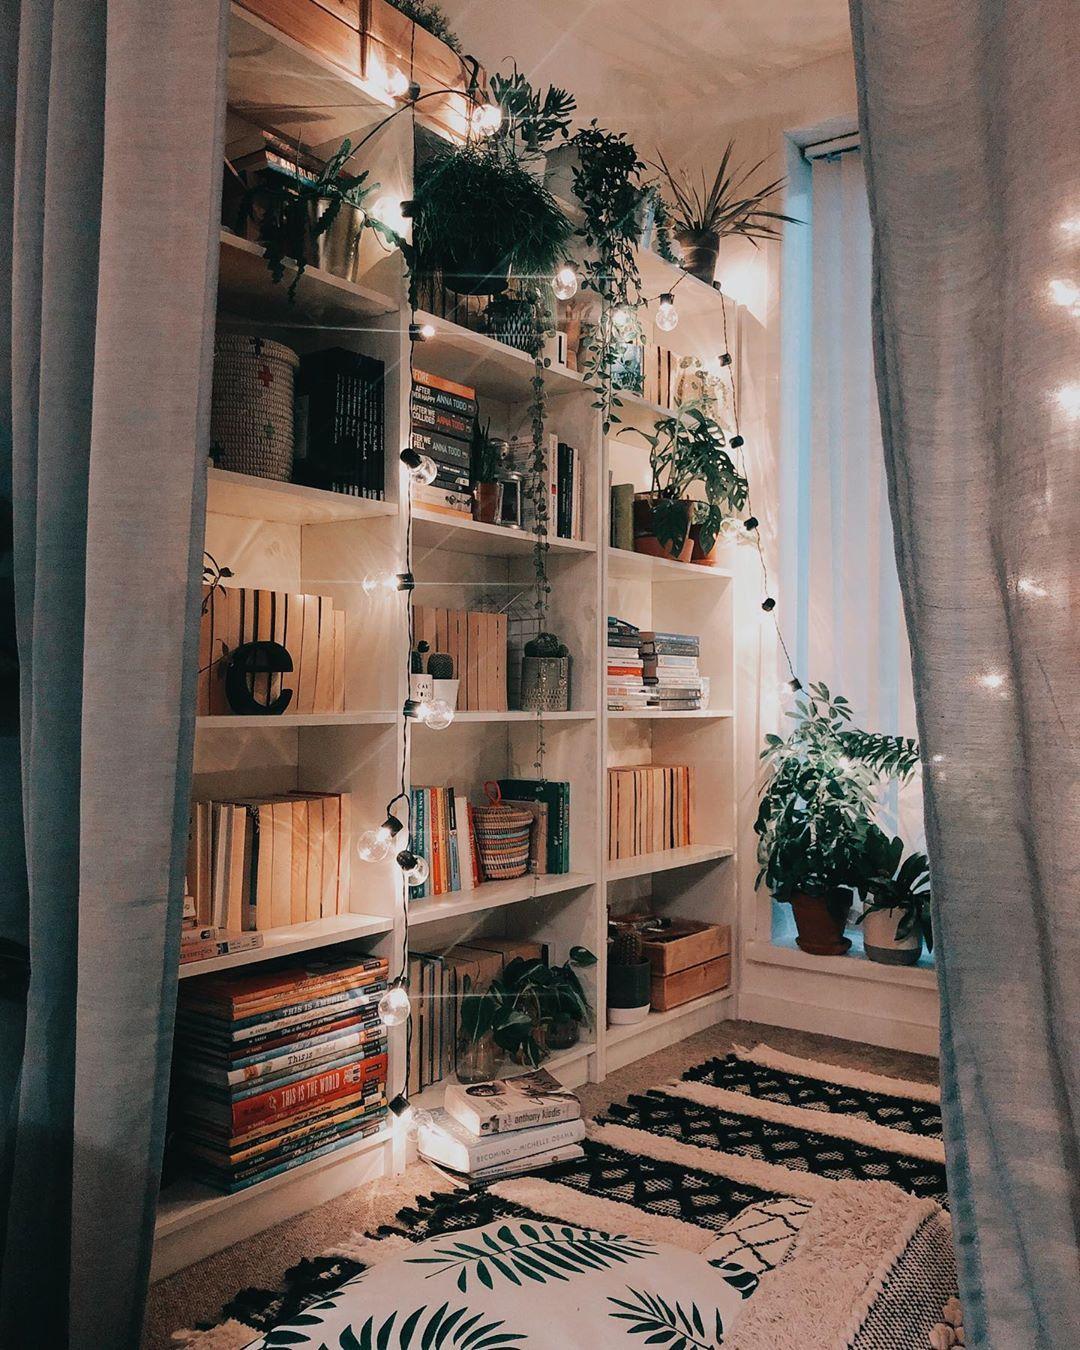 Desain Interior Ruang Perpustakaan Mini Dalam Rumah Inspirasi Desain Rumah Terkini